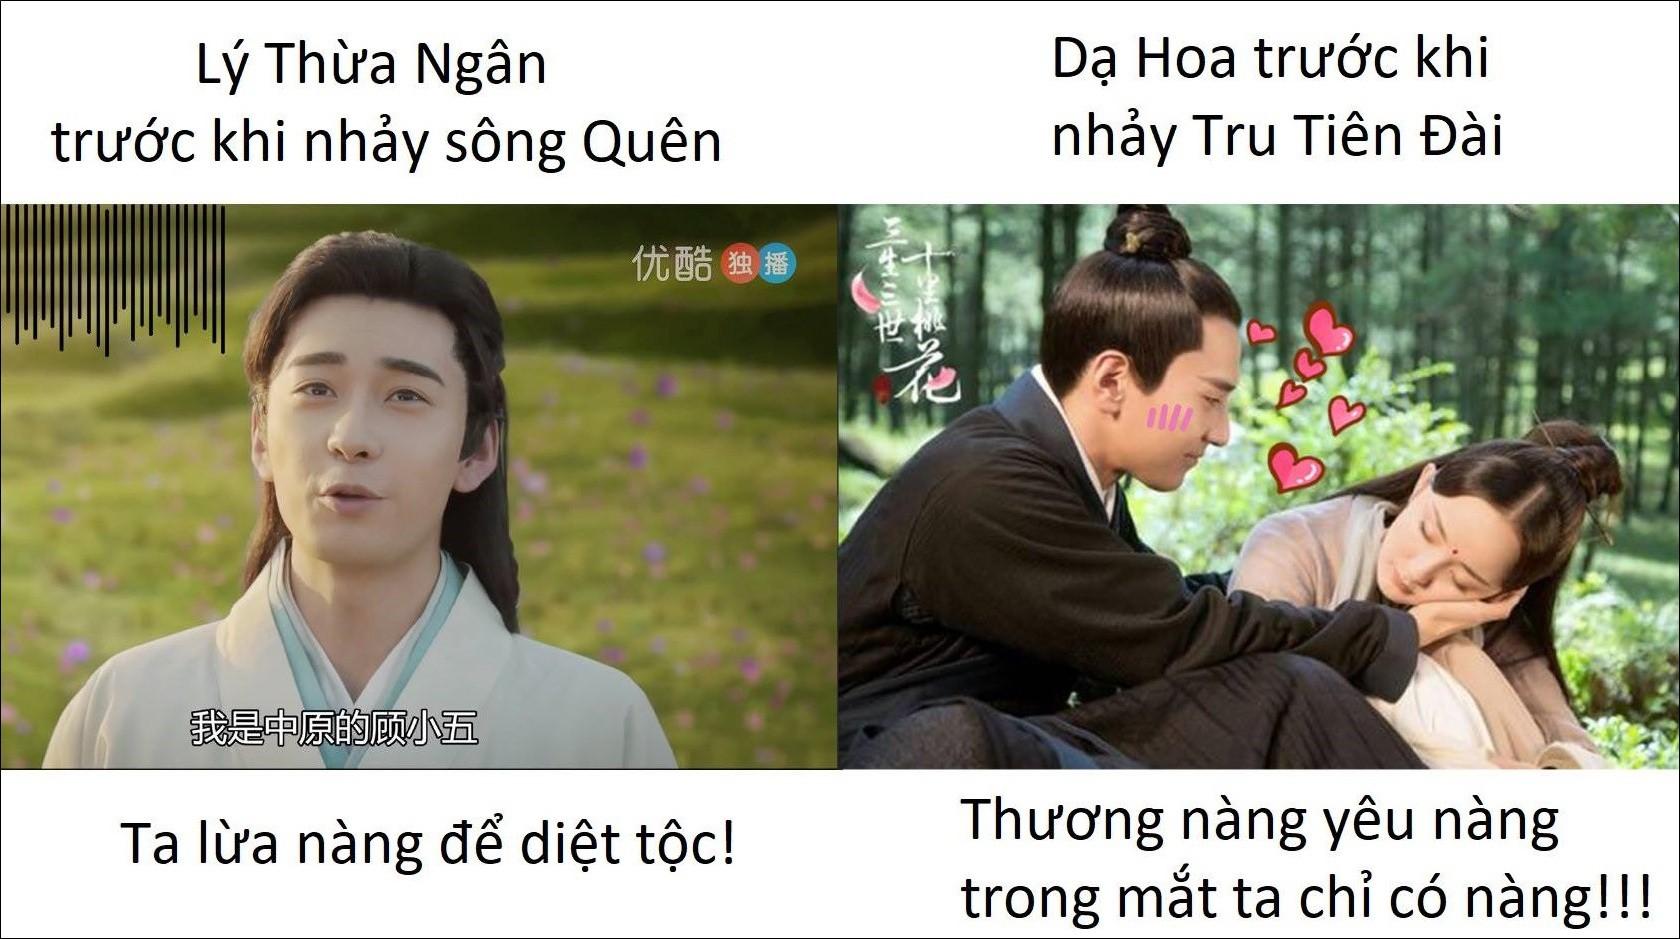 """Cảnh nhảy sông trong """"Đông Cung"""" lọt top tìm kiếm, Lý Thừa Ngân bị dân Trung chê thua xa Dạ Hoa Tam Sinh Tam Thế - Ảnh 3."""